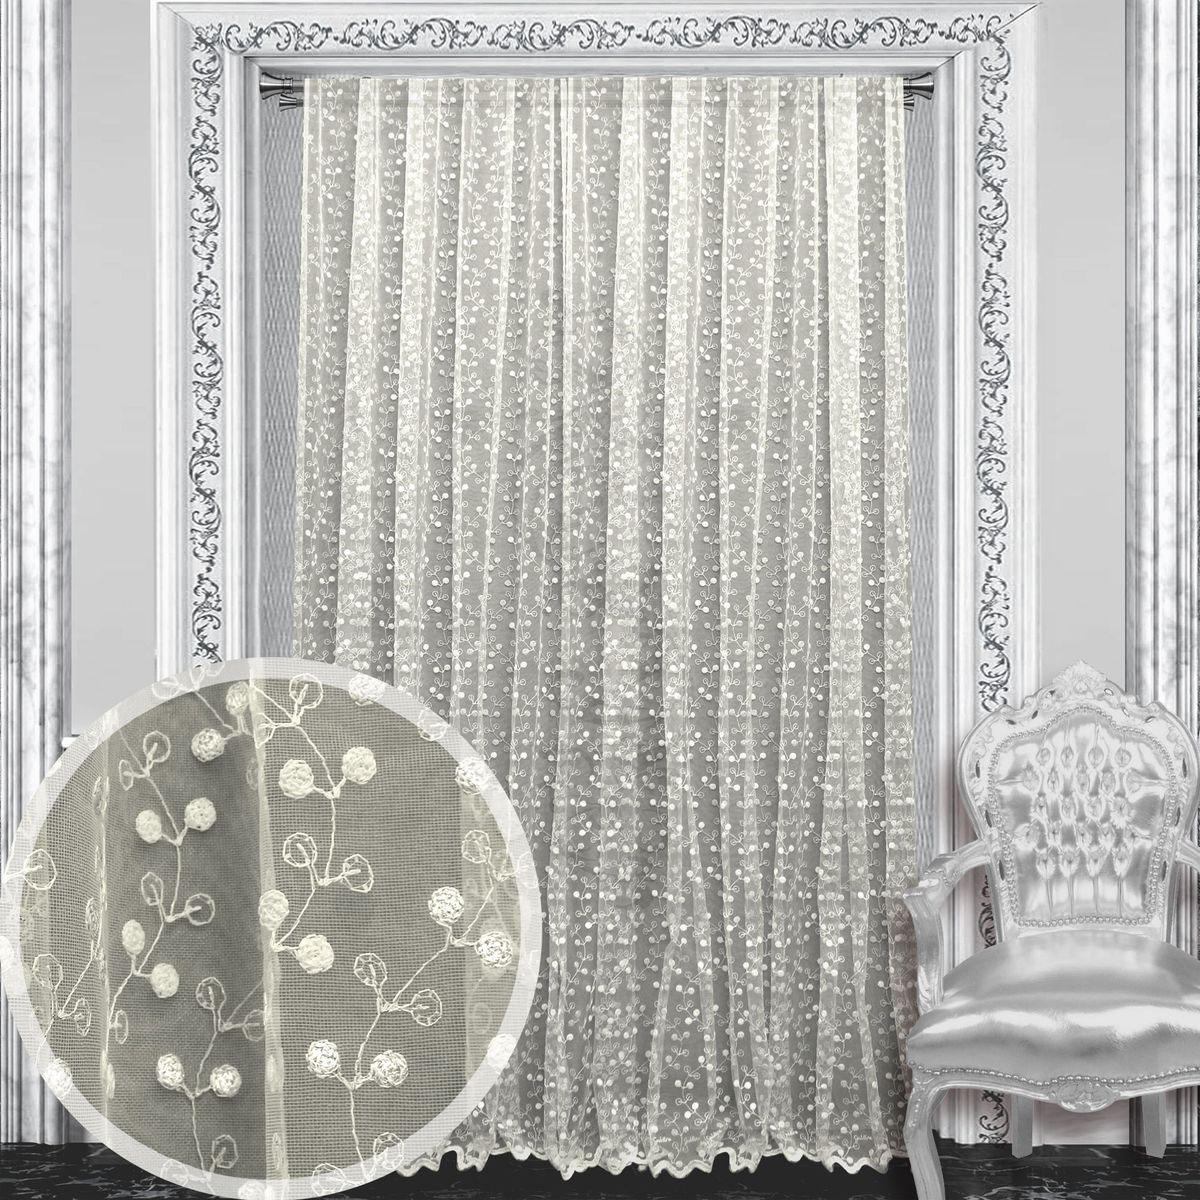 Тюль Amore Mio, на ленте, цвет: шампань, высота 270 см. 86111956251325Тюль Amore Mio изготовлен из 100% полиэстера. Воздушная ткань привлечет к себе внимание и идеально оформит интерьер любого помещения. Полиэстер - вид ткани, состоящий из полиэфирных волокон. Ткани из полиэстера легкие, прочные и износостойкие. Такие изделия не требуют специального ухода, не пылятся и почти не мнутся.Крепление к карнизу осуществляется при помощи вшитой шторной ленты.